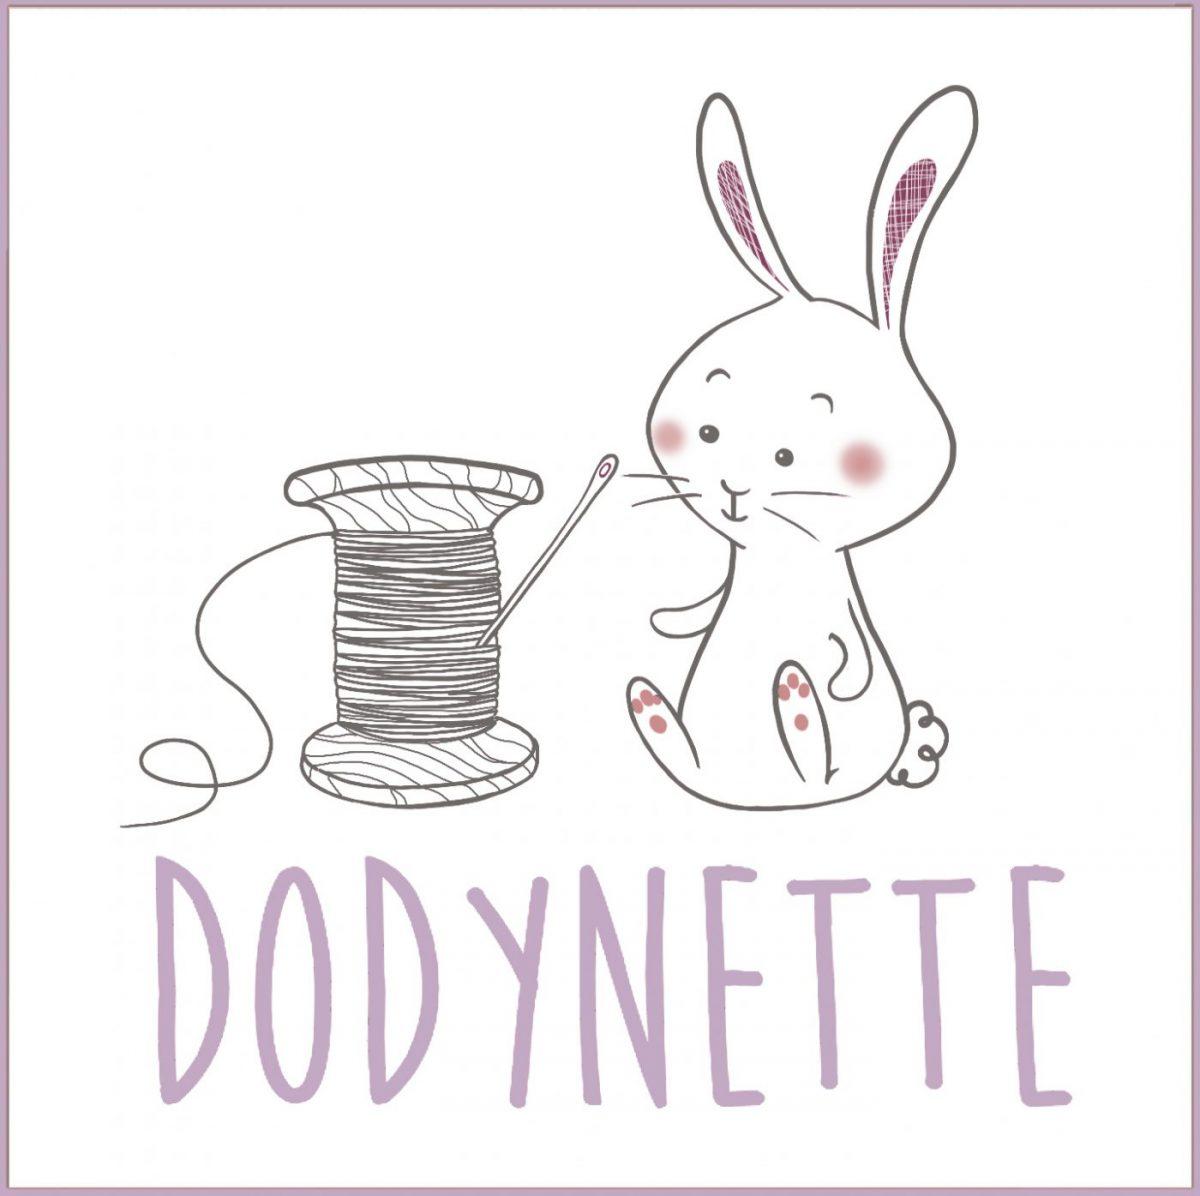 les créations couture de dodynette